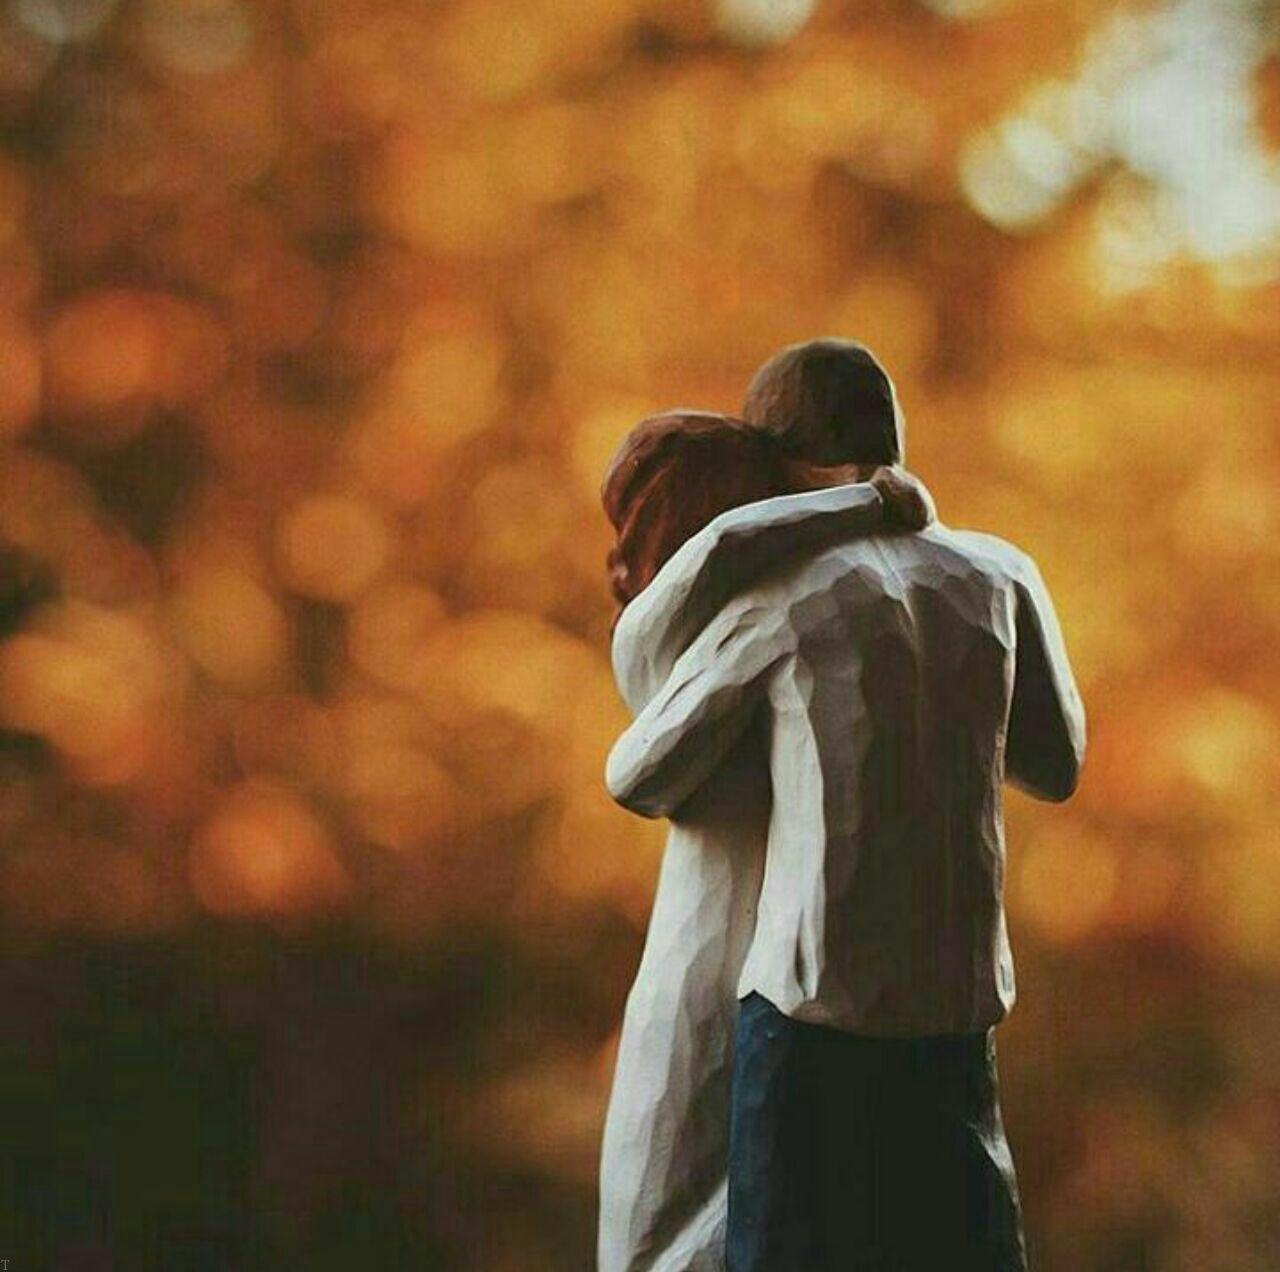 عکس نوشته های پاییزی عاشقانه و زیبا (۹۹)